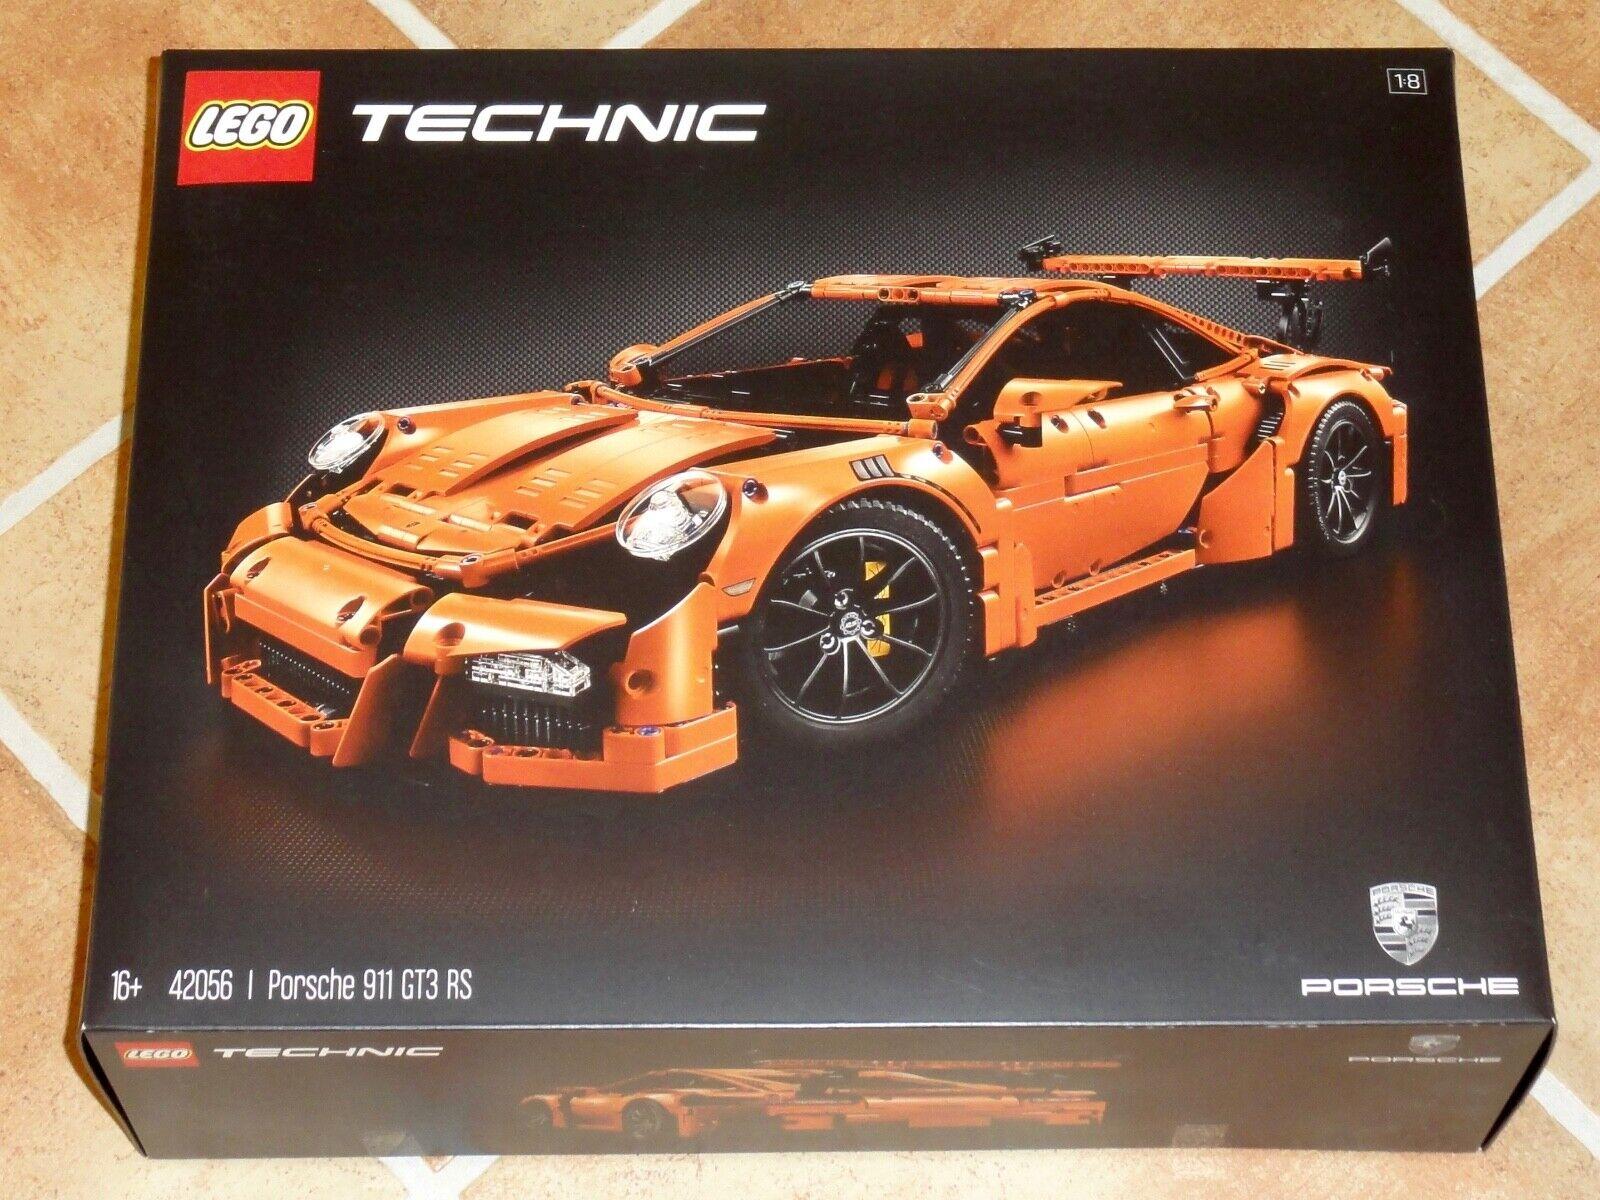 Lego ® Technic 42056 Porsche 911 GT3  RS-nouveau & SEALED  prix équitables